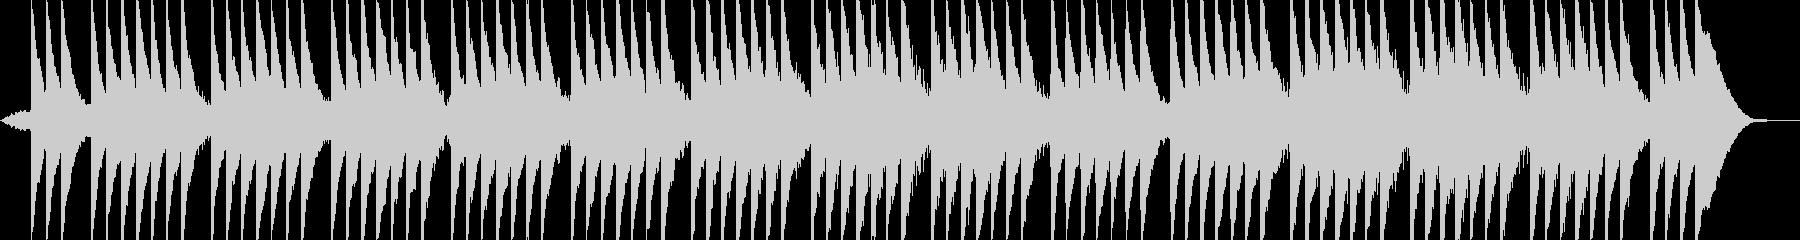 撮影-風景-ジンバル-PV-アンビエントの未再生の波形